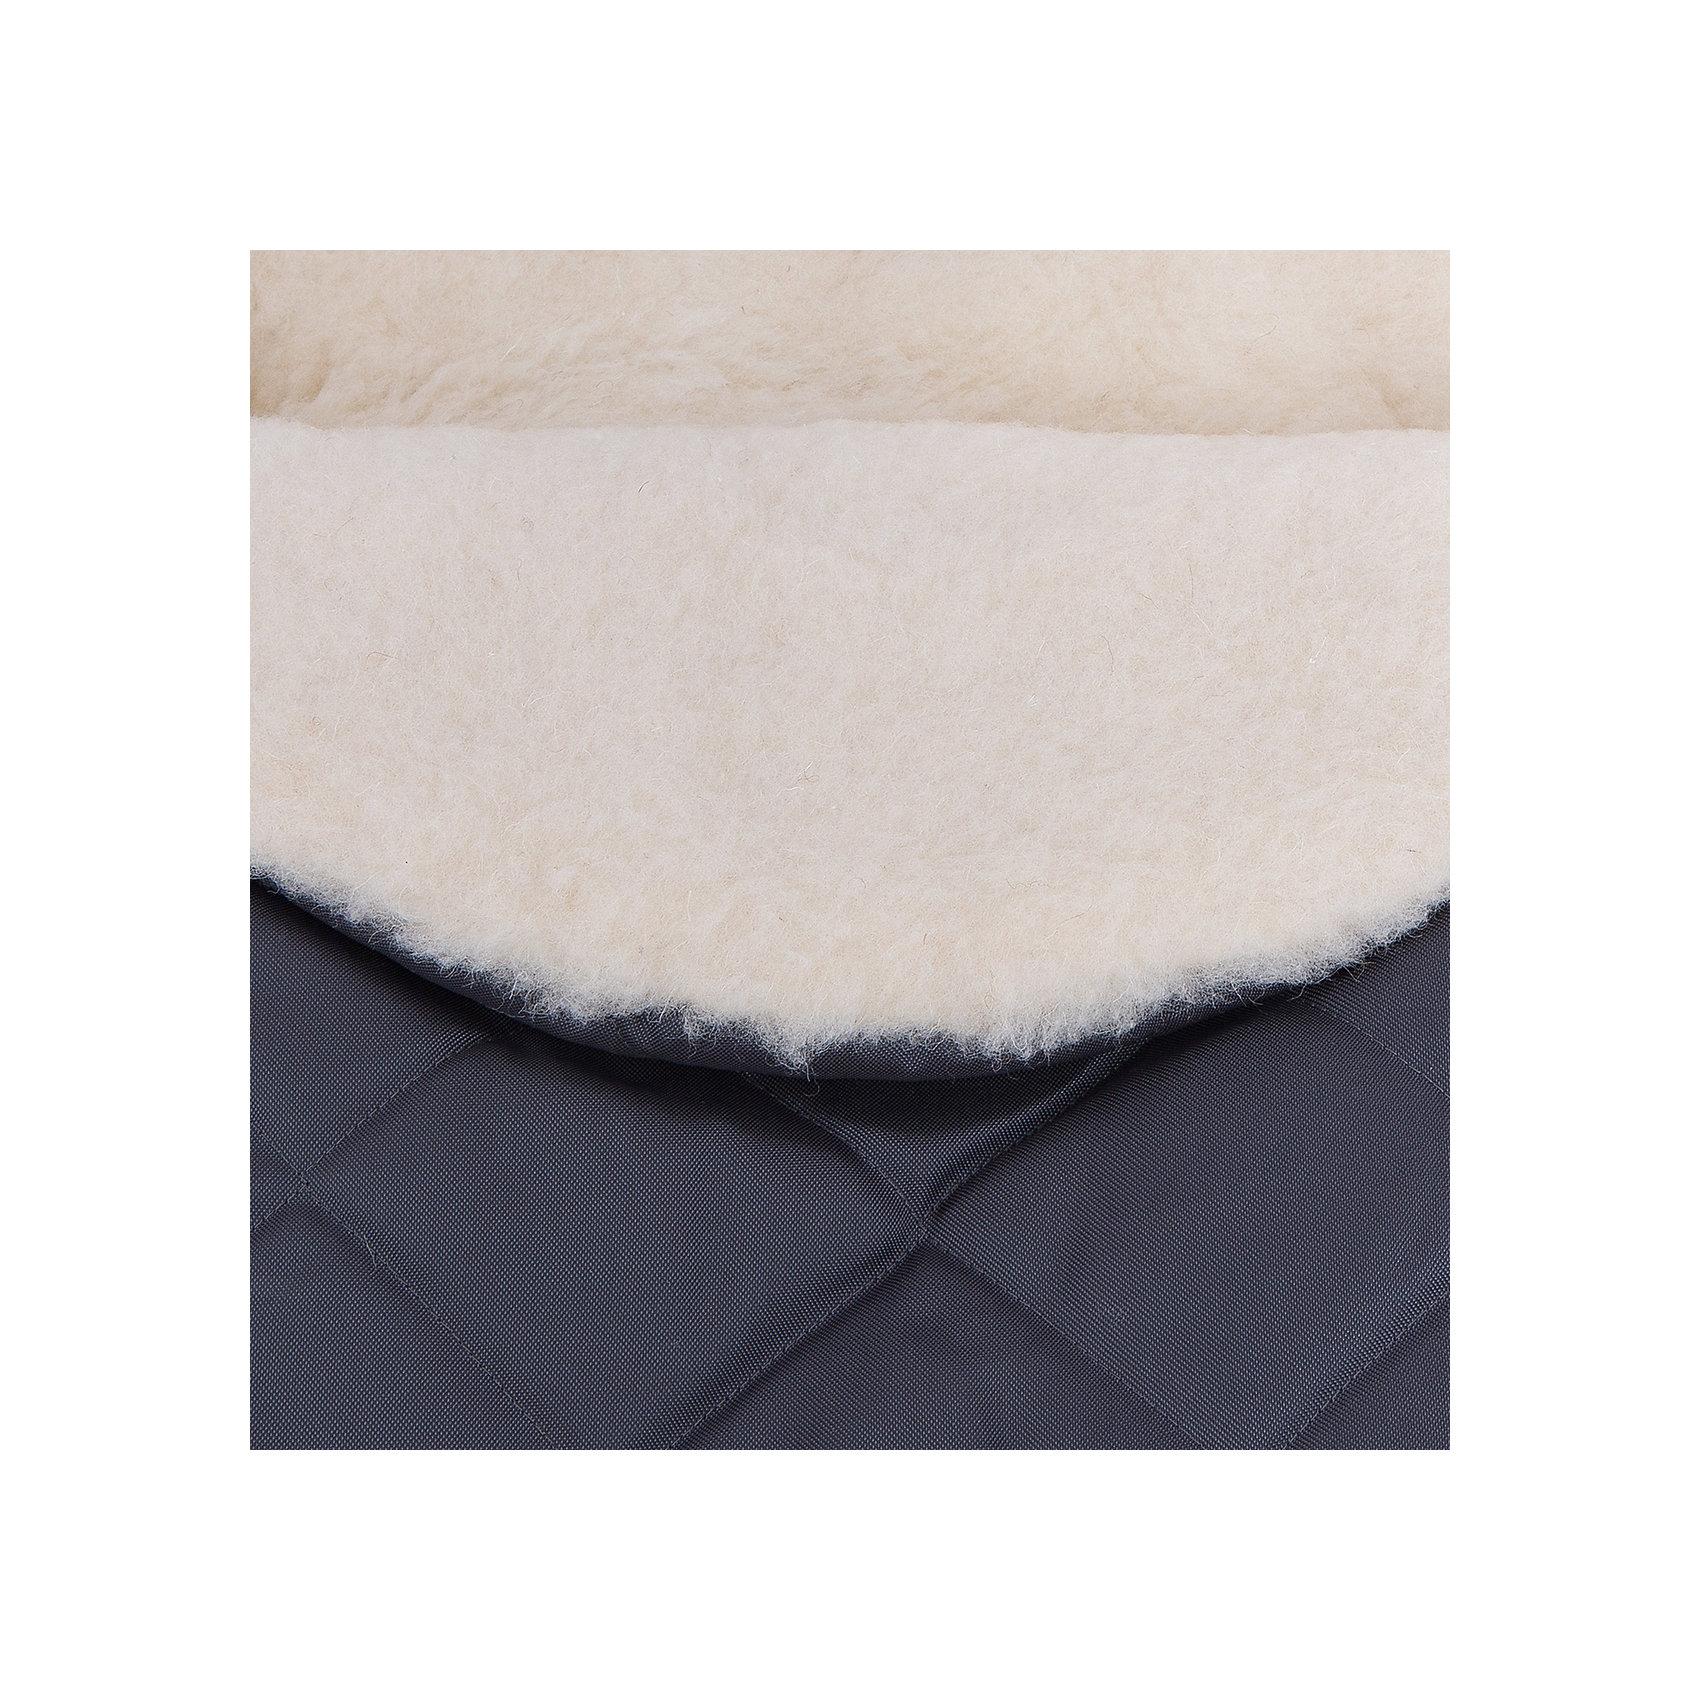 Конверт зимний №61 Exclusive, 95*50, шерсть, Womar, графит